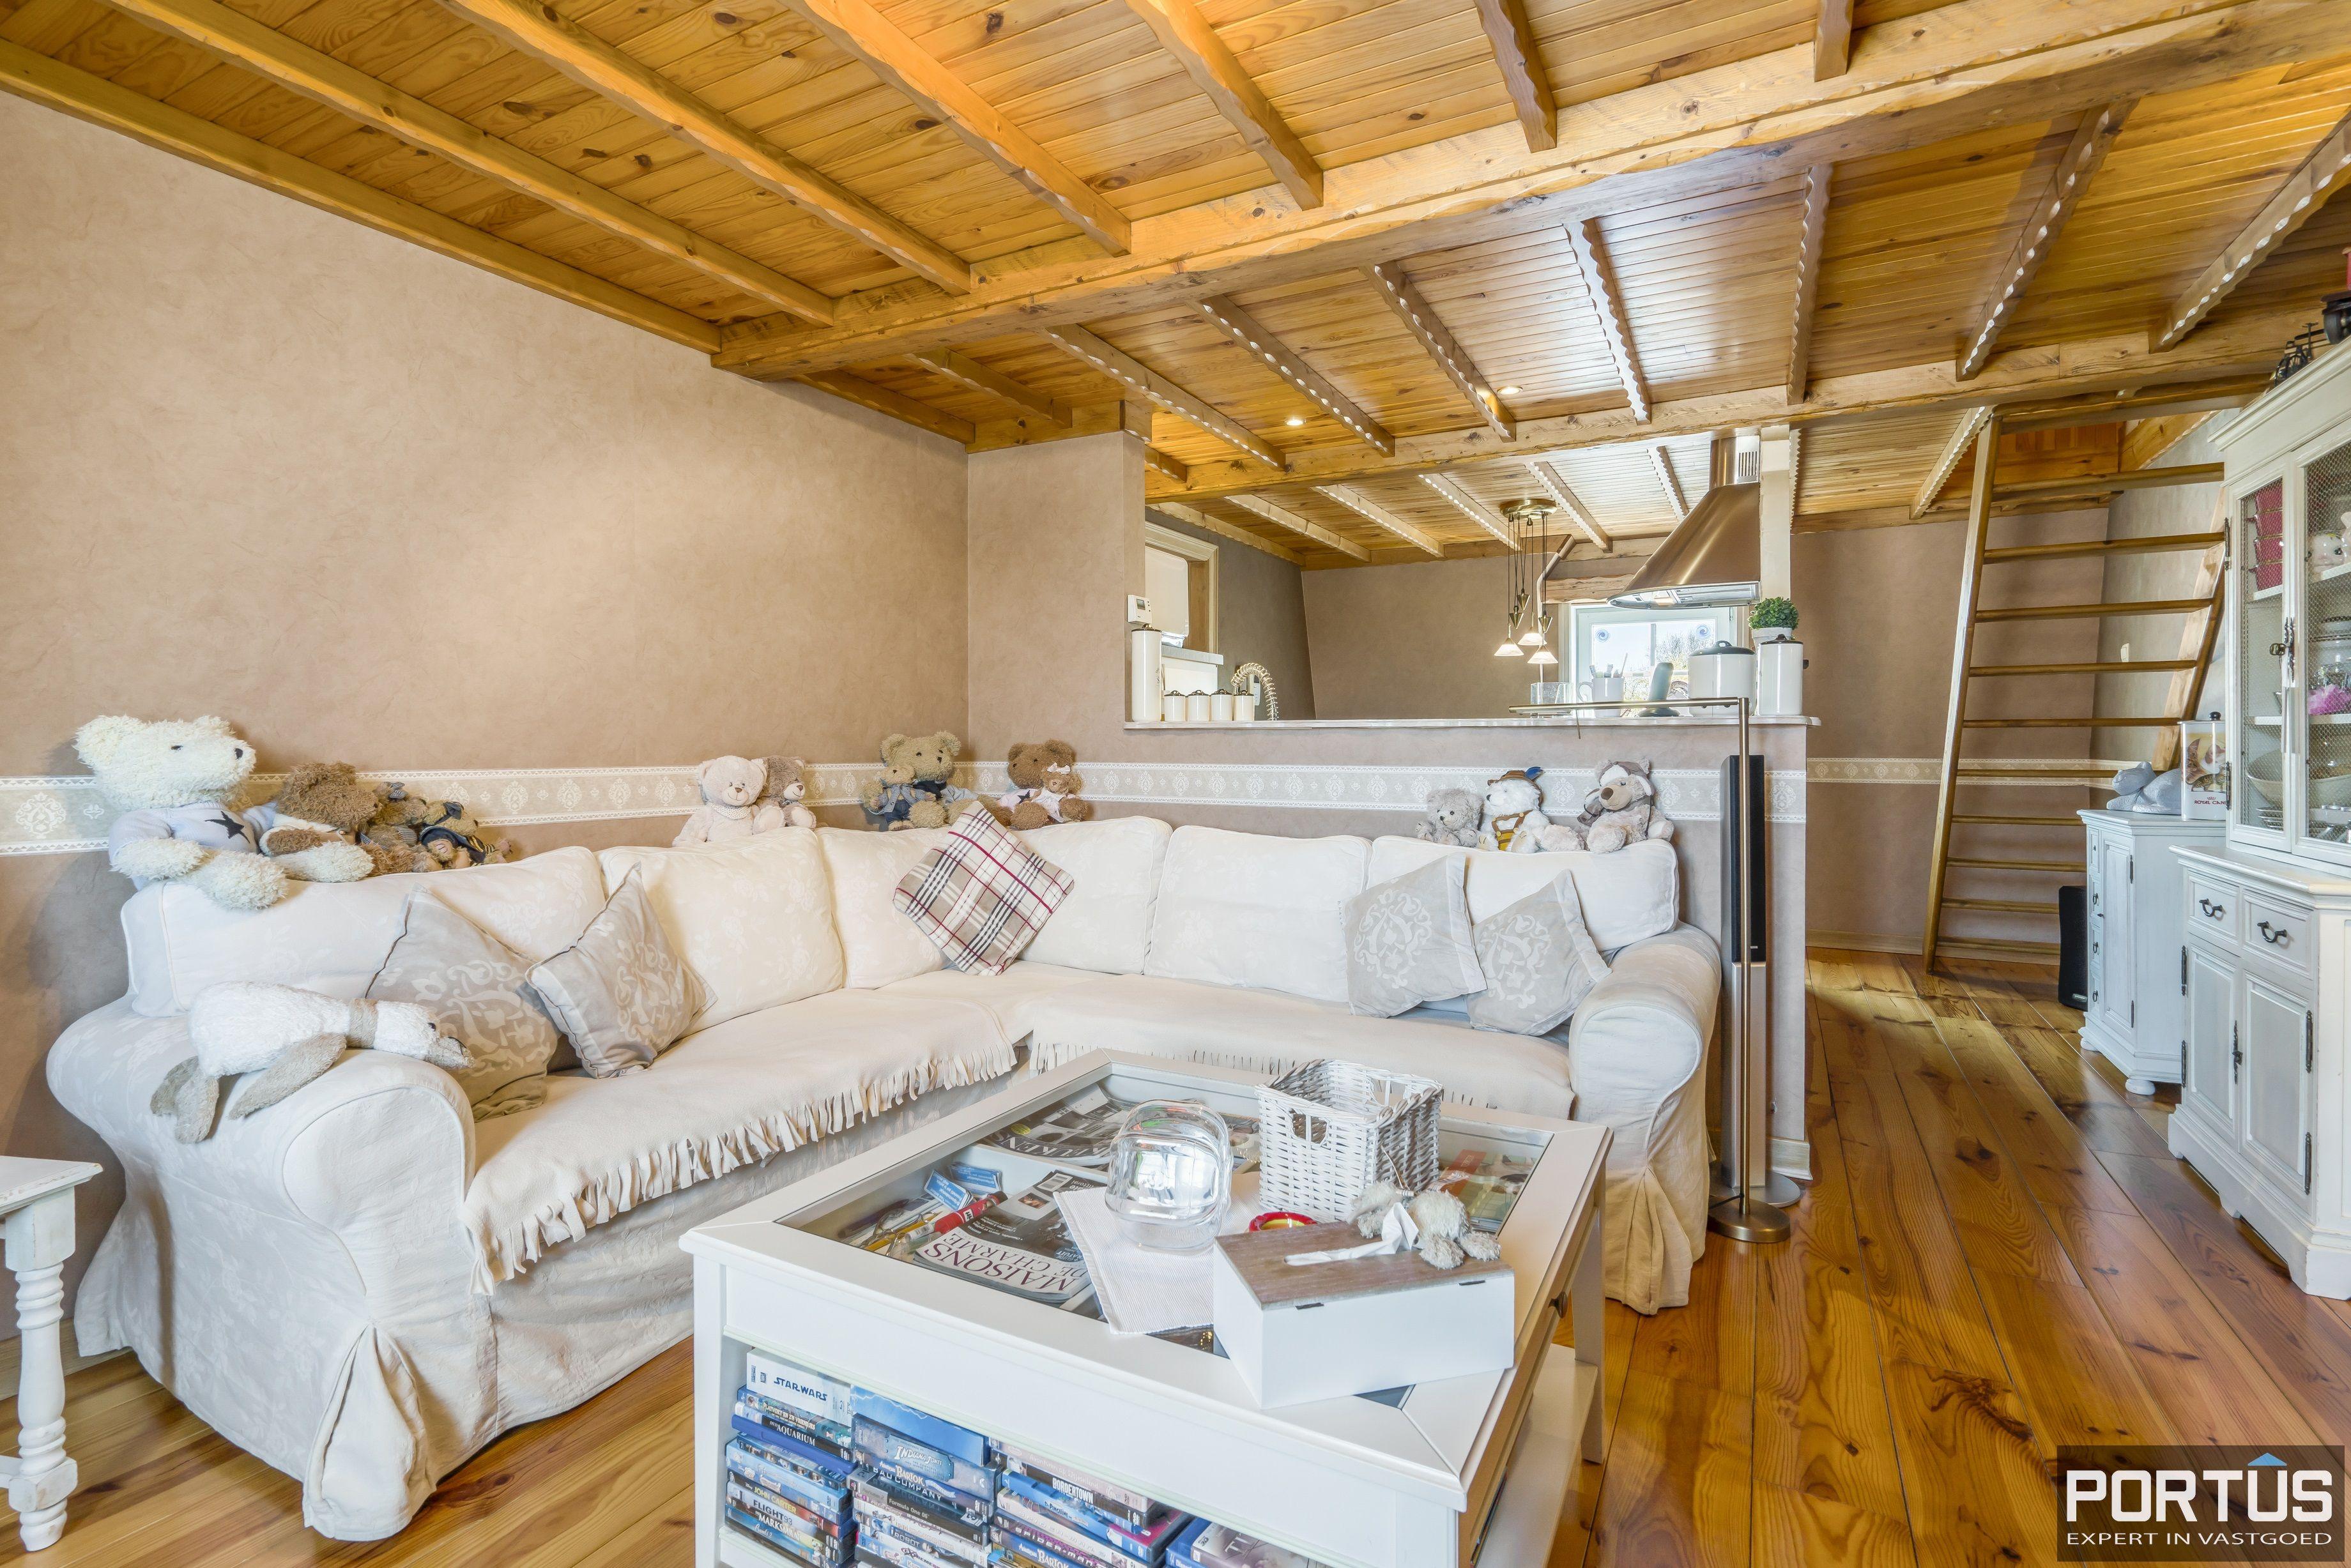 Woning met 2 slaapkamers te koop te Westende - 13420